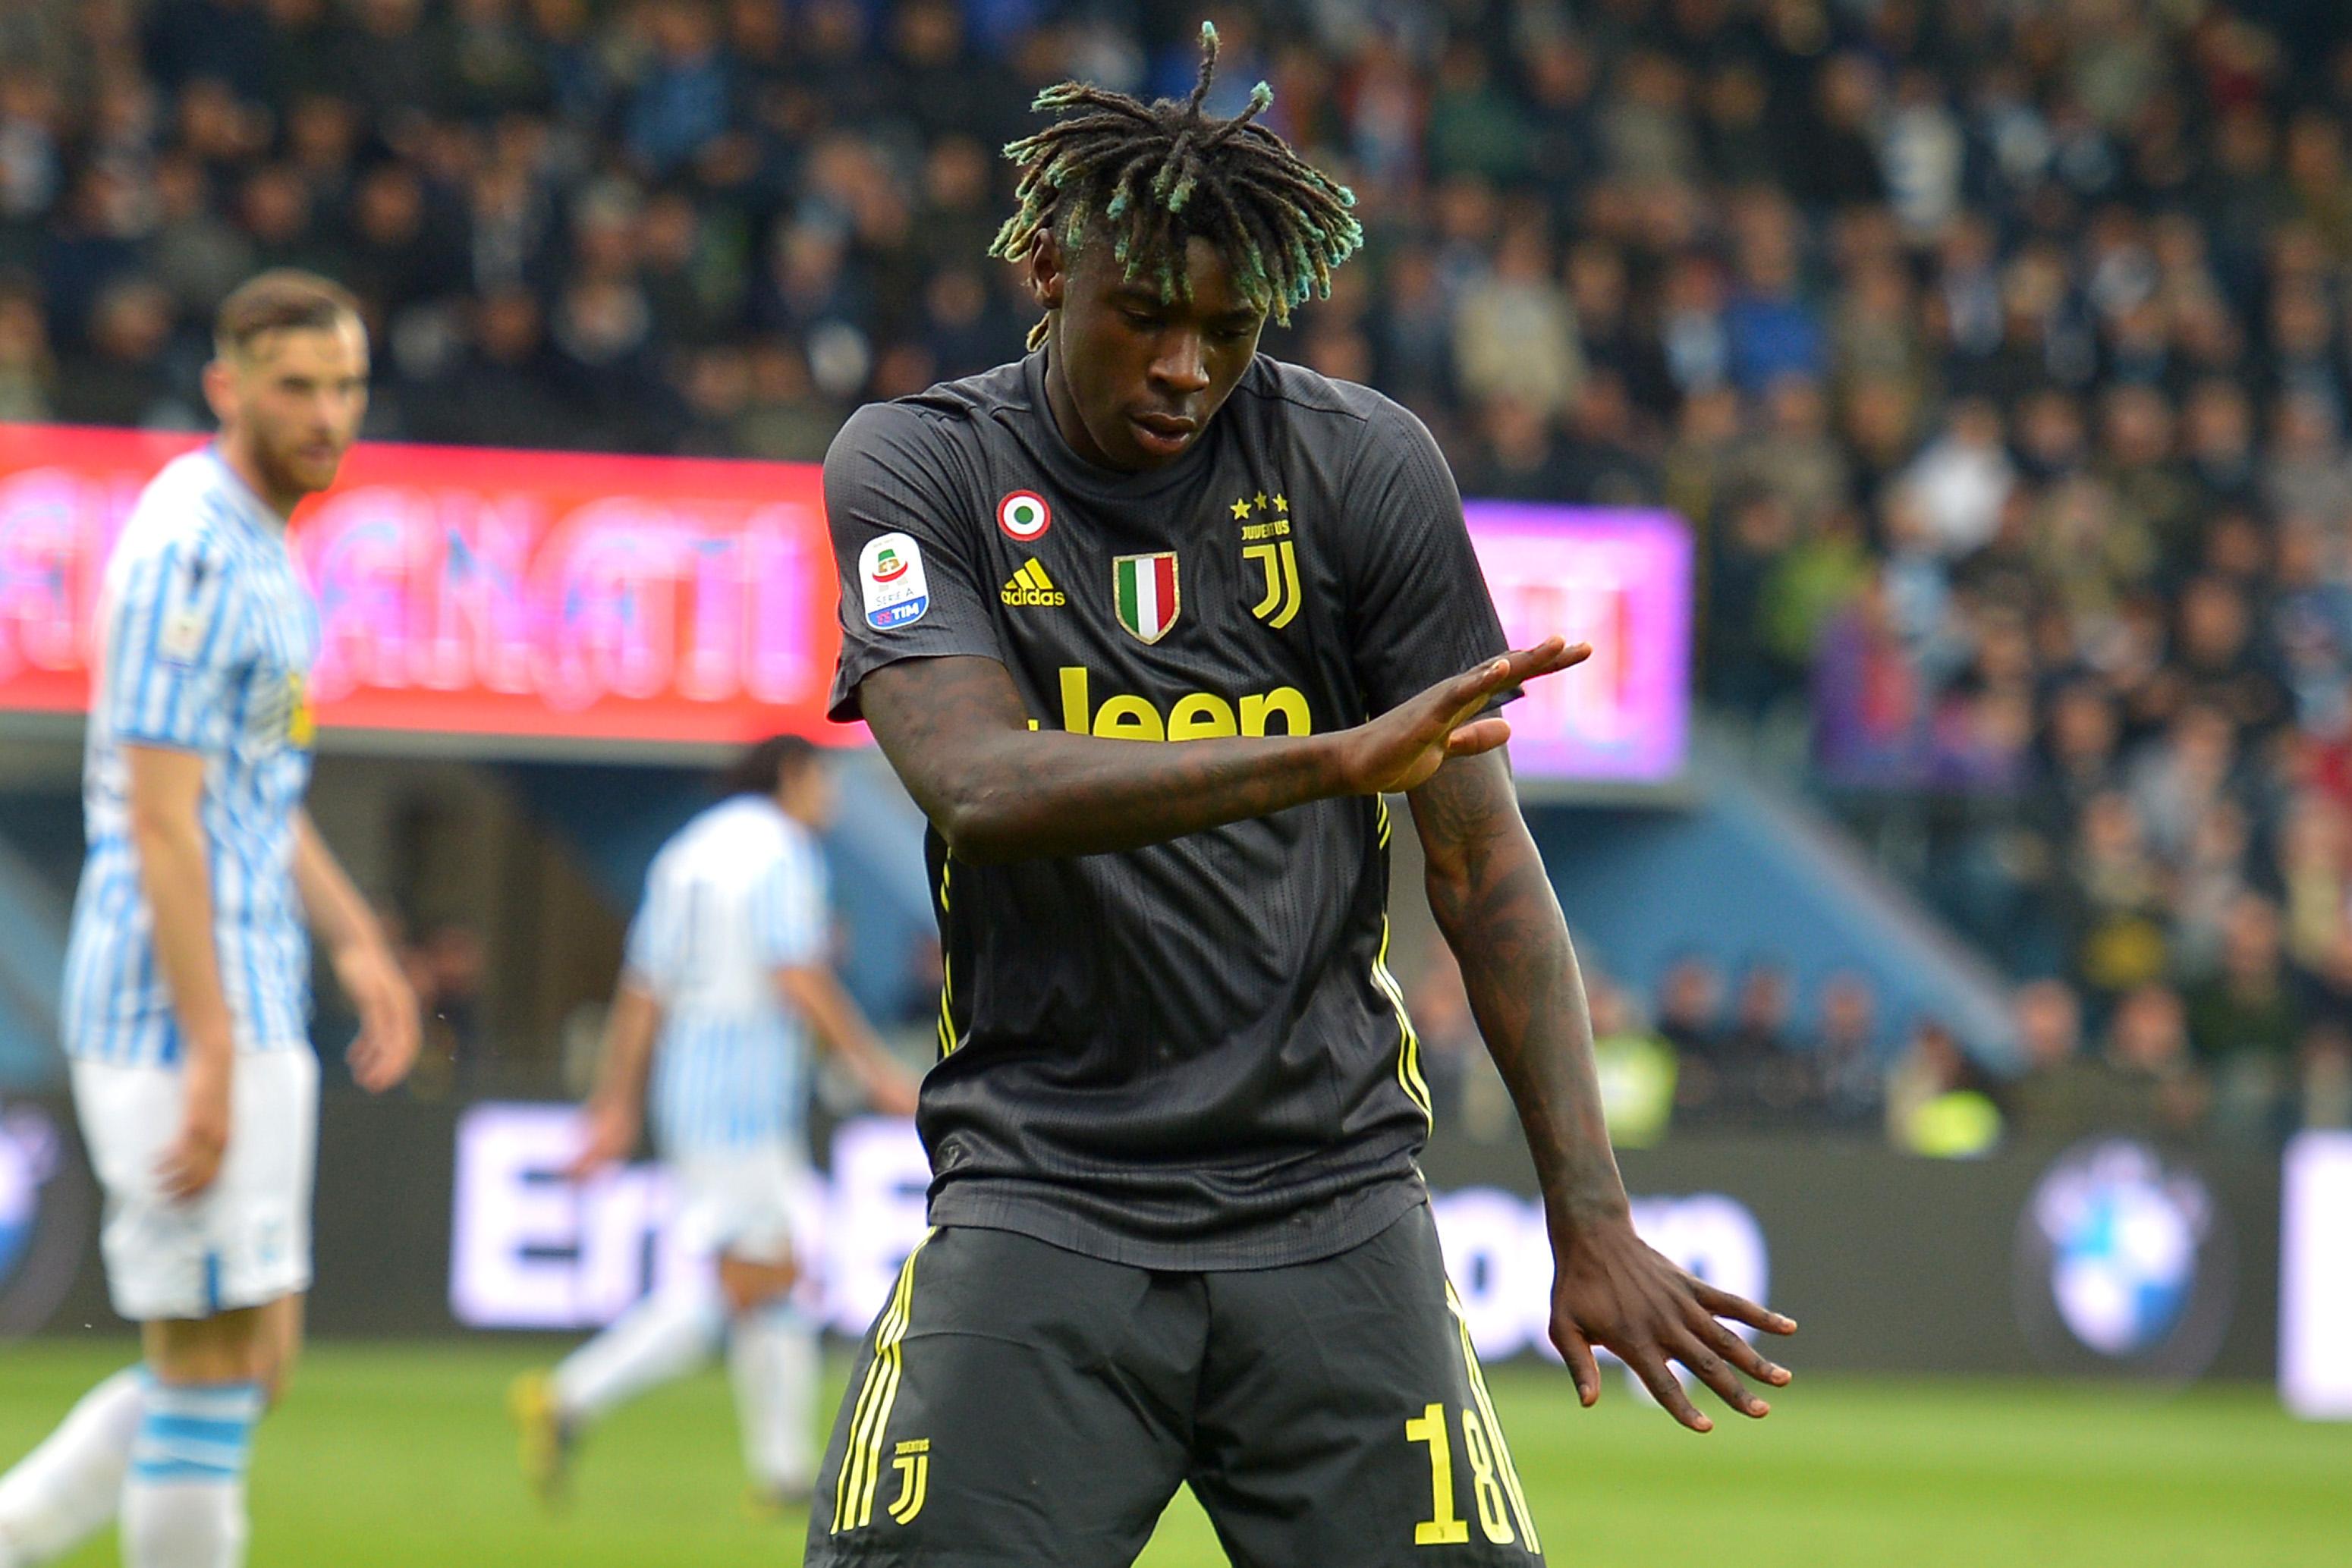 Moise Kean of Juventus celebrates after scoring the goal of...